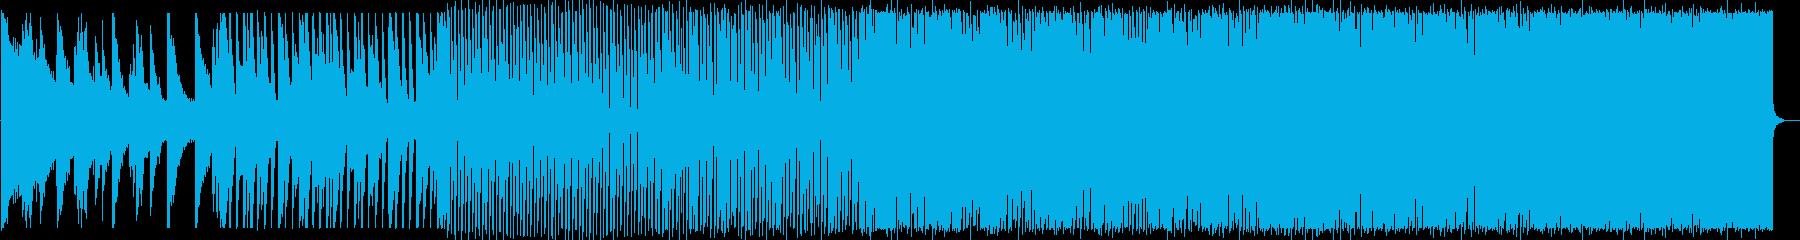 涼しげで疾走感のあるハウスNo578_3の再生済みの波形